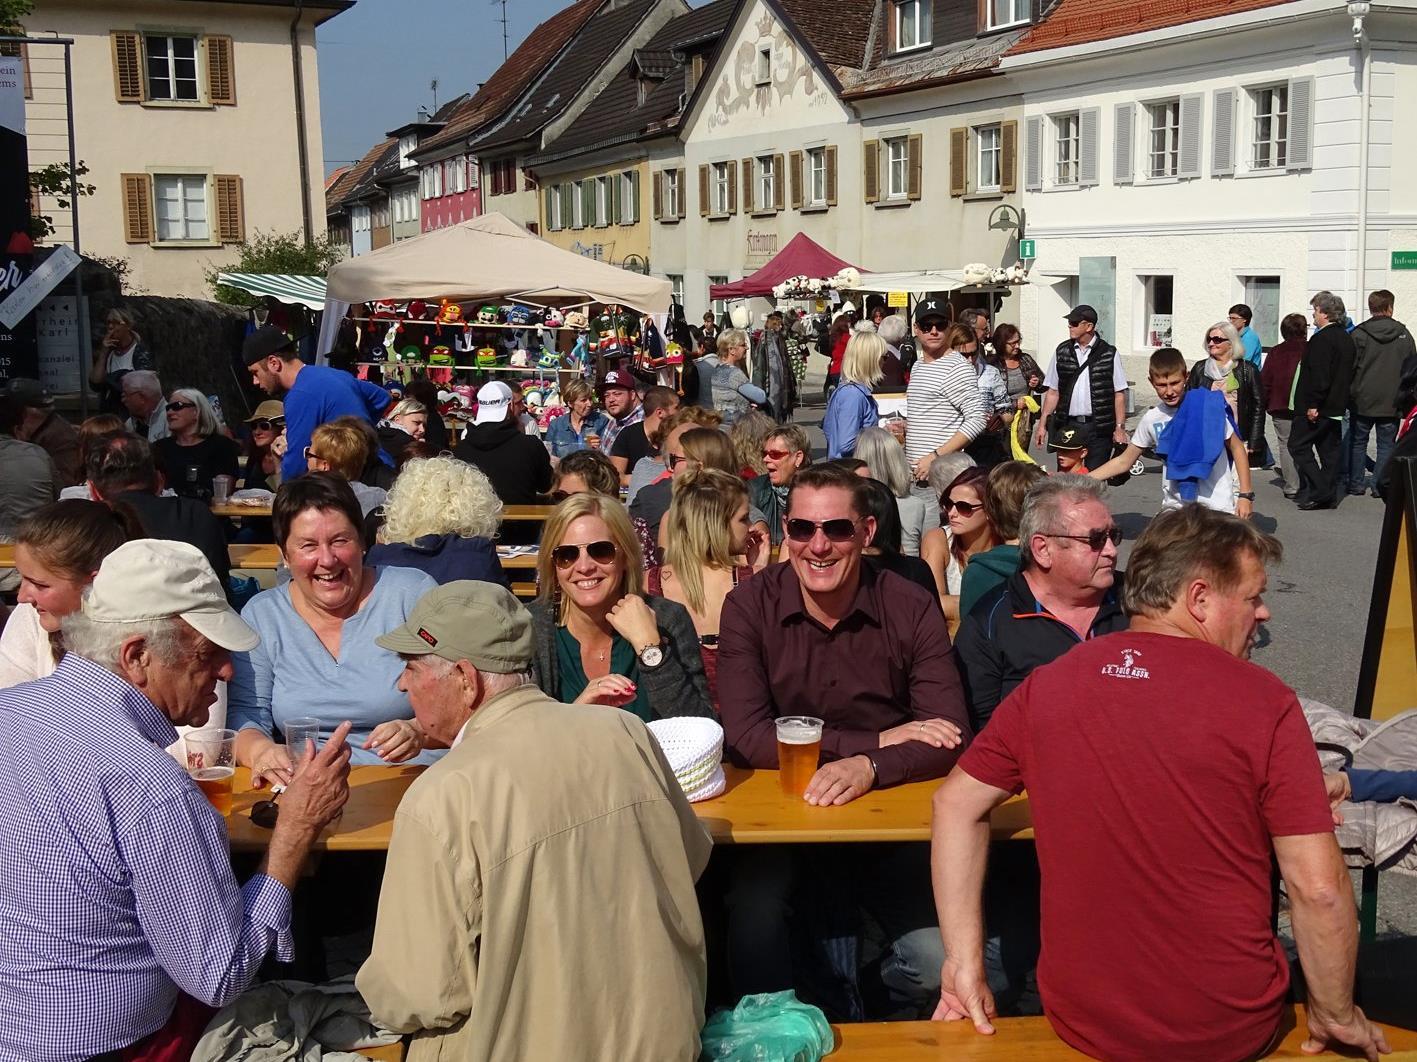 Der Emser Markt ist alljährlich das größte Volksfest in der Nibelungenstadt.